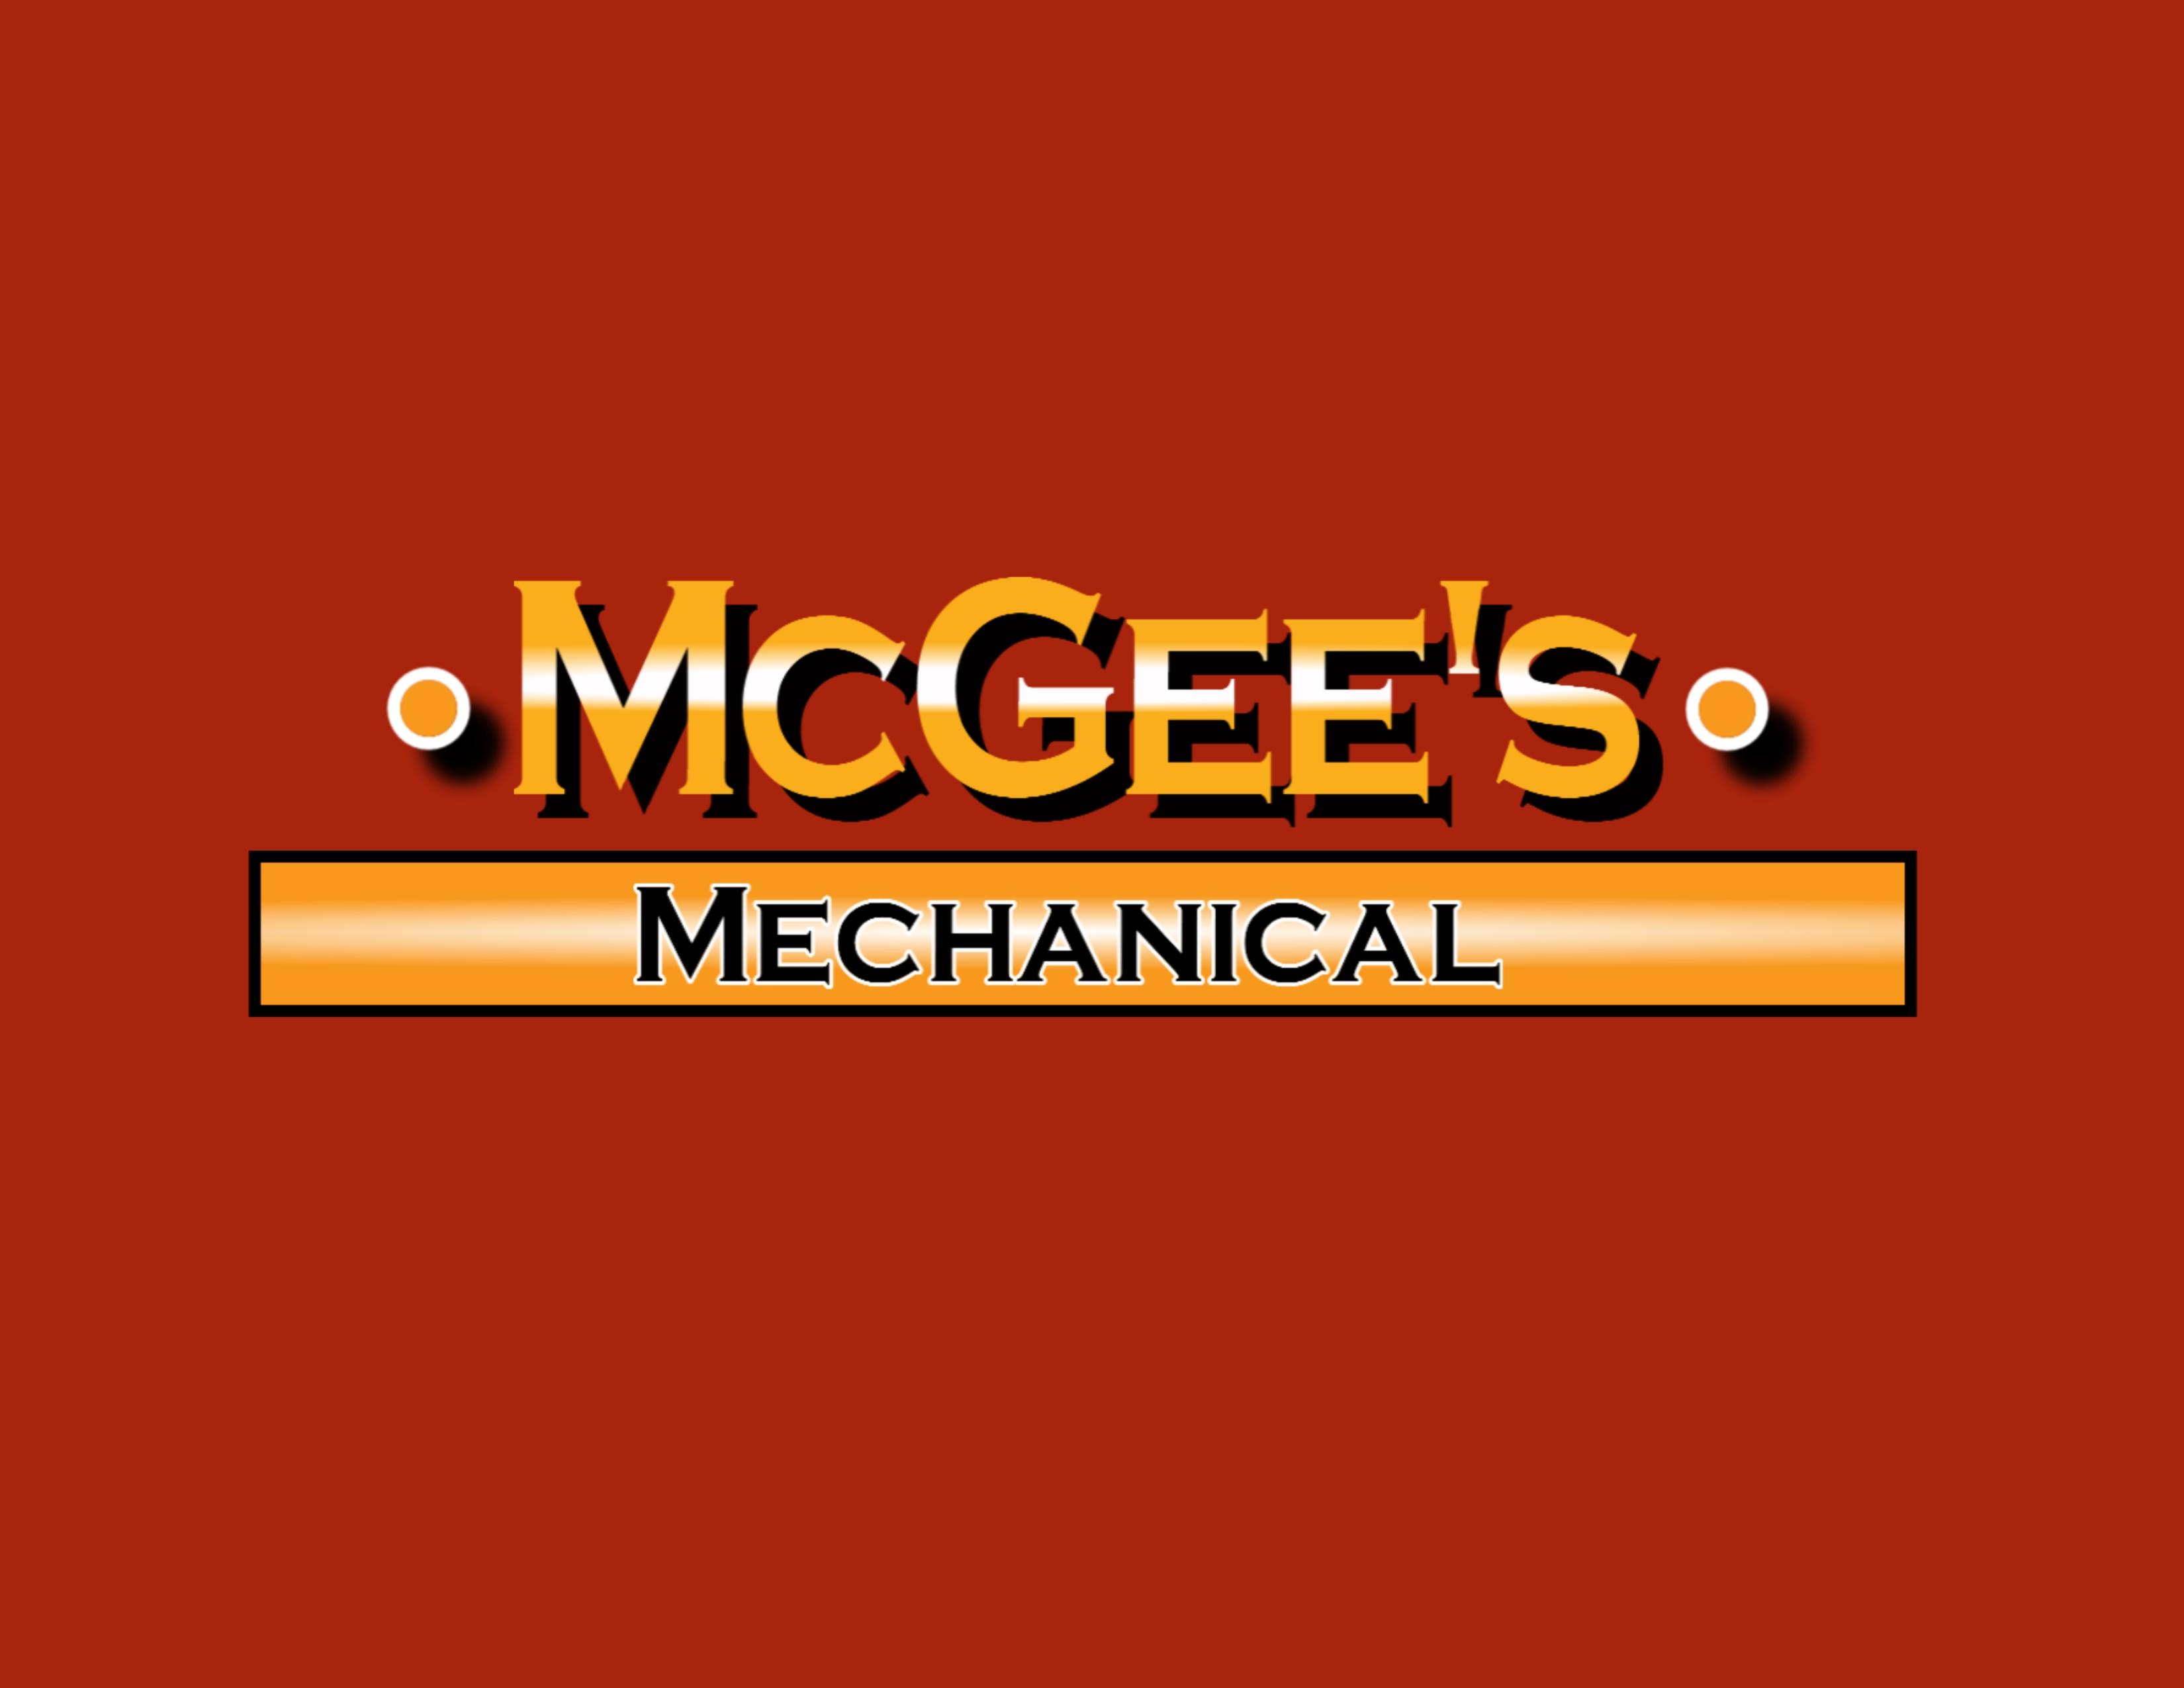 Mc Gee's Mechanical image 1